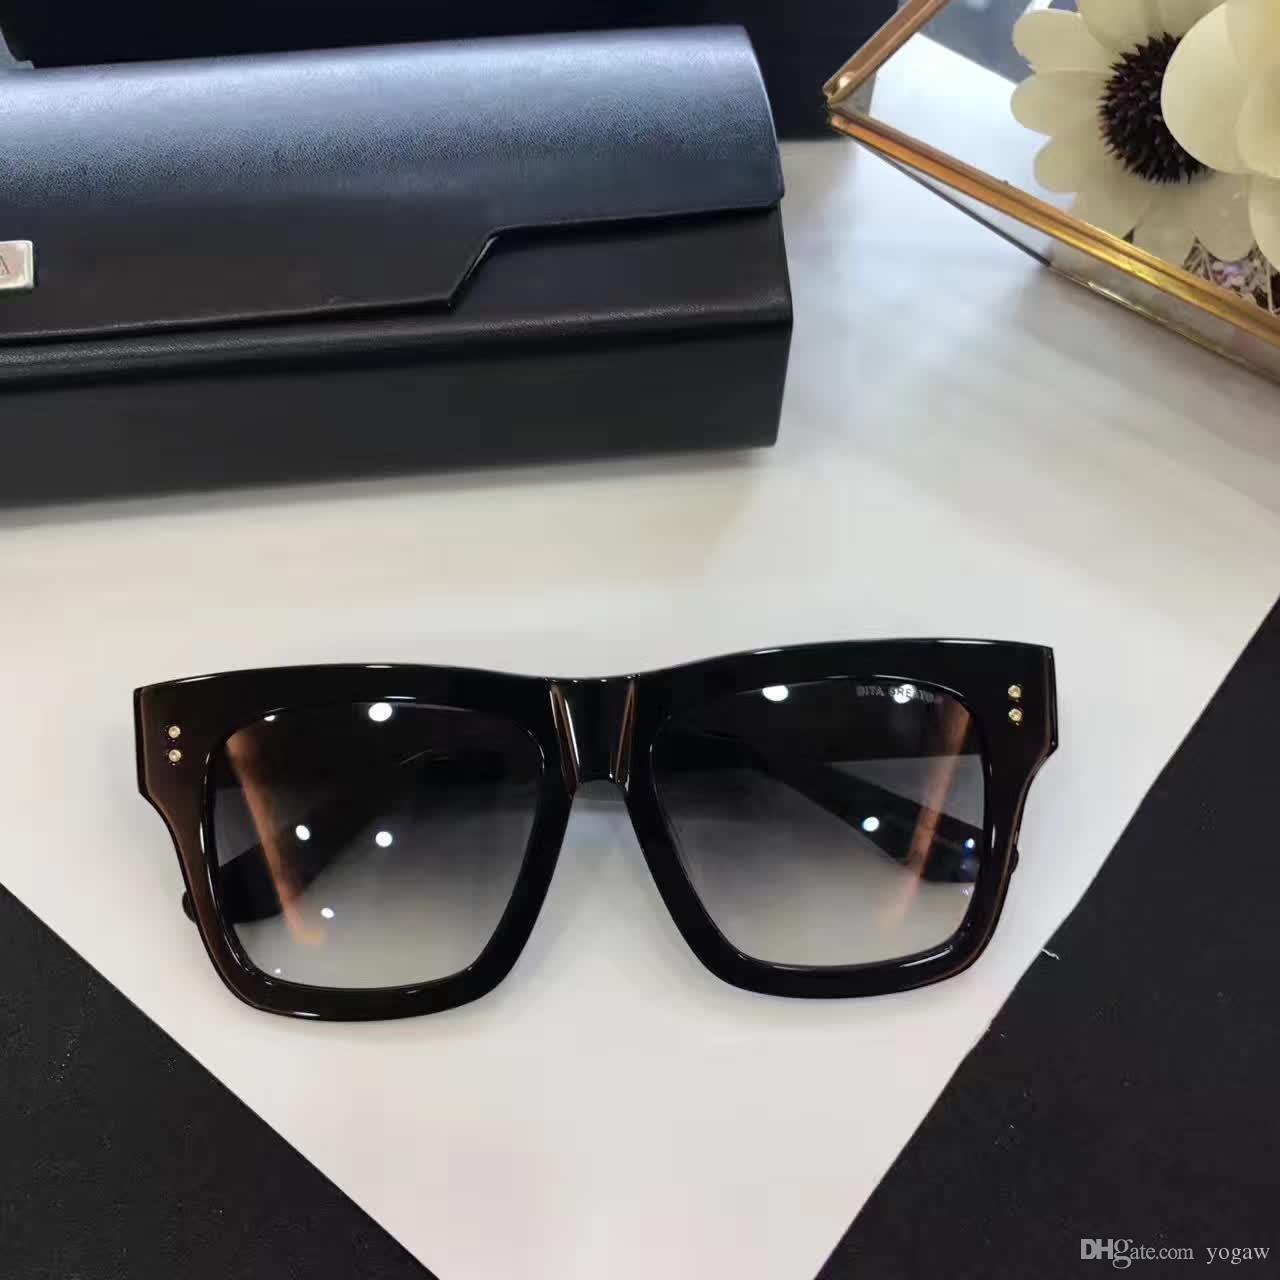 Охладить Mens площади Солнцезащитные очки Shinny Черный каркас серый градиент объектива моды квадратные очки Rare Новые с коробкой